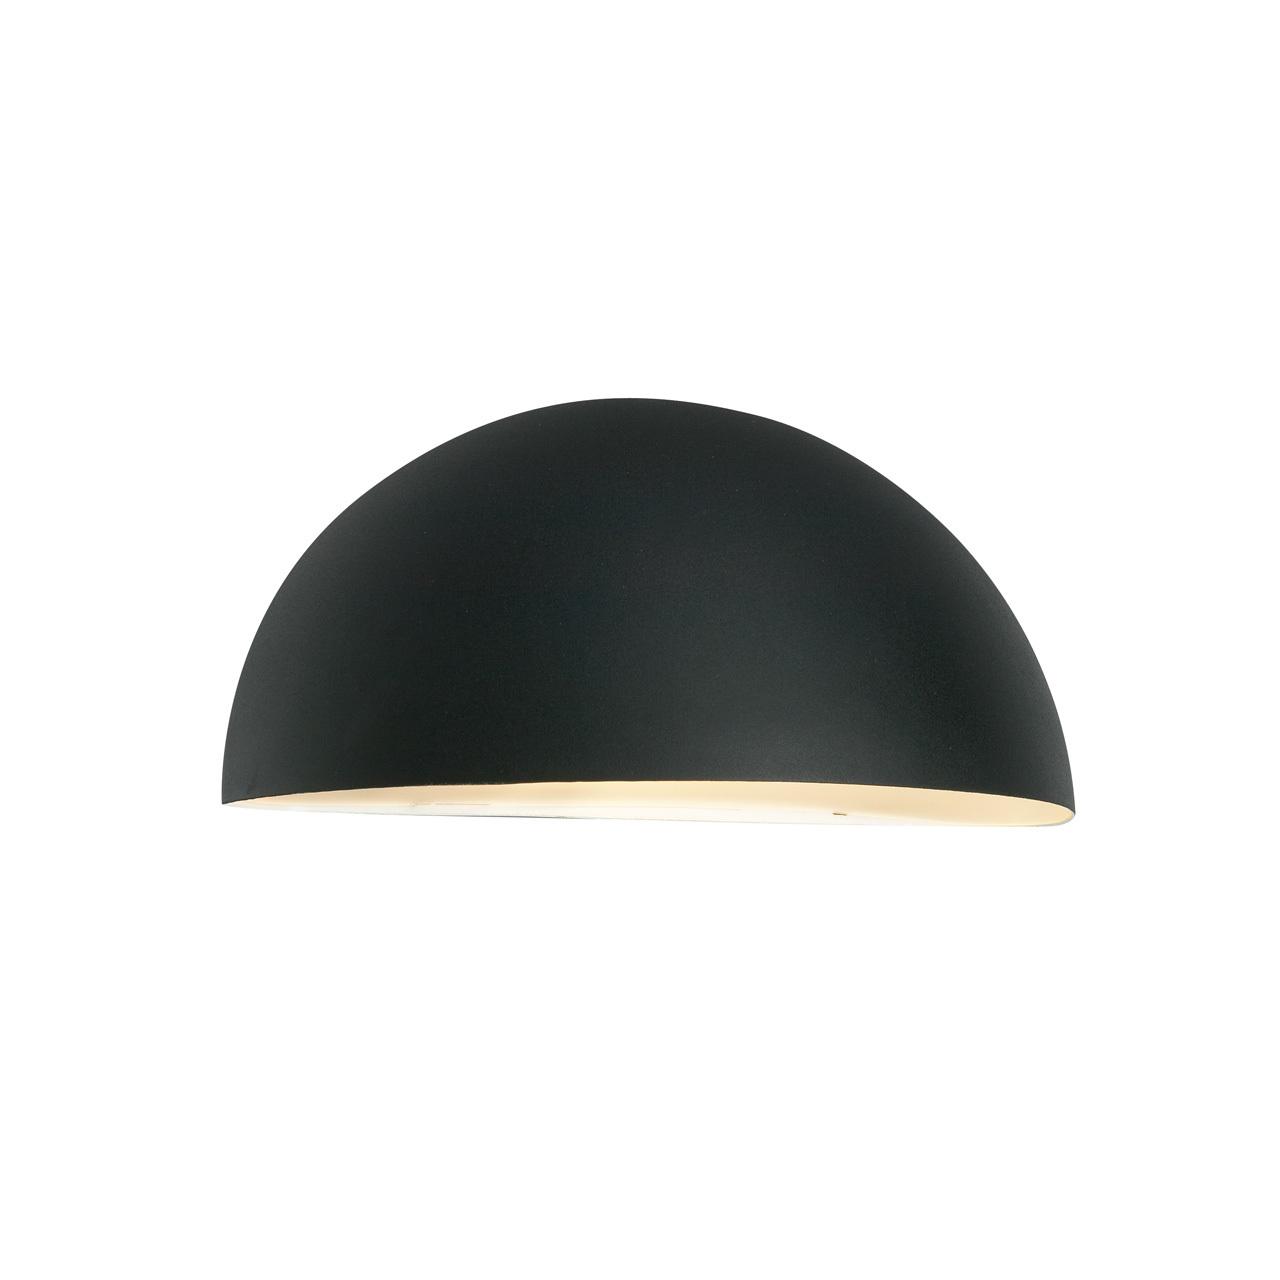 Lampa ścienna PARIS 160B -Norlys  SPRAWDŹ RABATY  5-10-15-20 % w koszyku